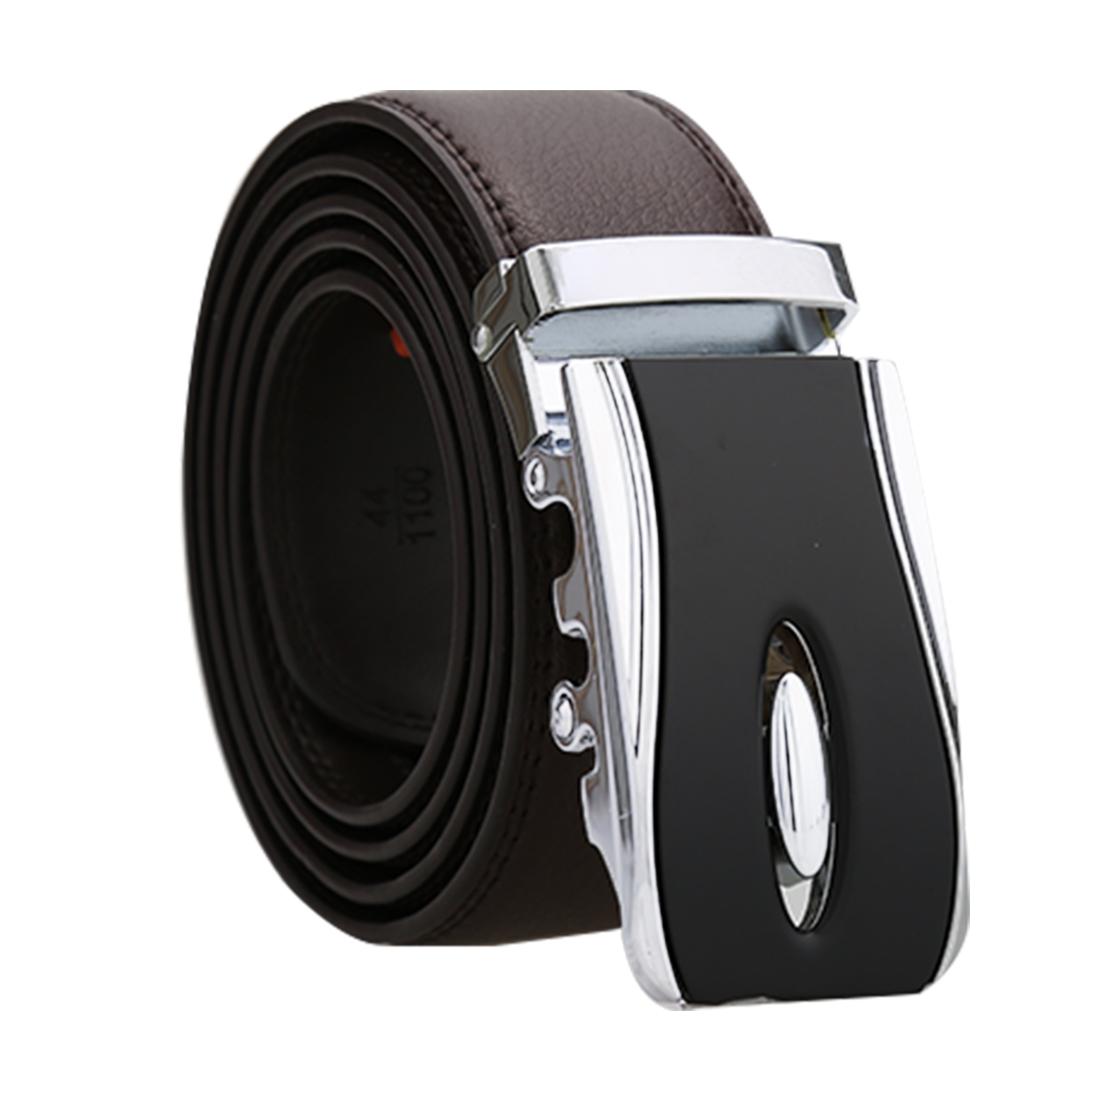 """Unique Bargains Men's Automatic Double Stitch Edge Leather Belt Width 1 1/2"""" Dark Brown 130cm - image 7 de 7"""